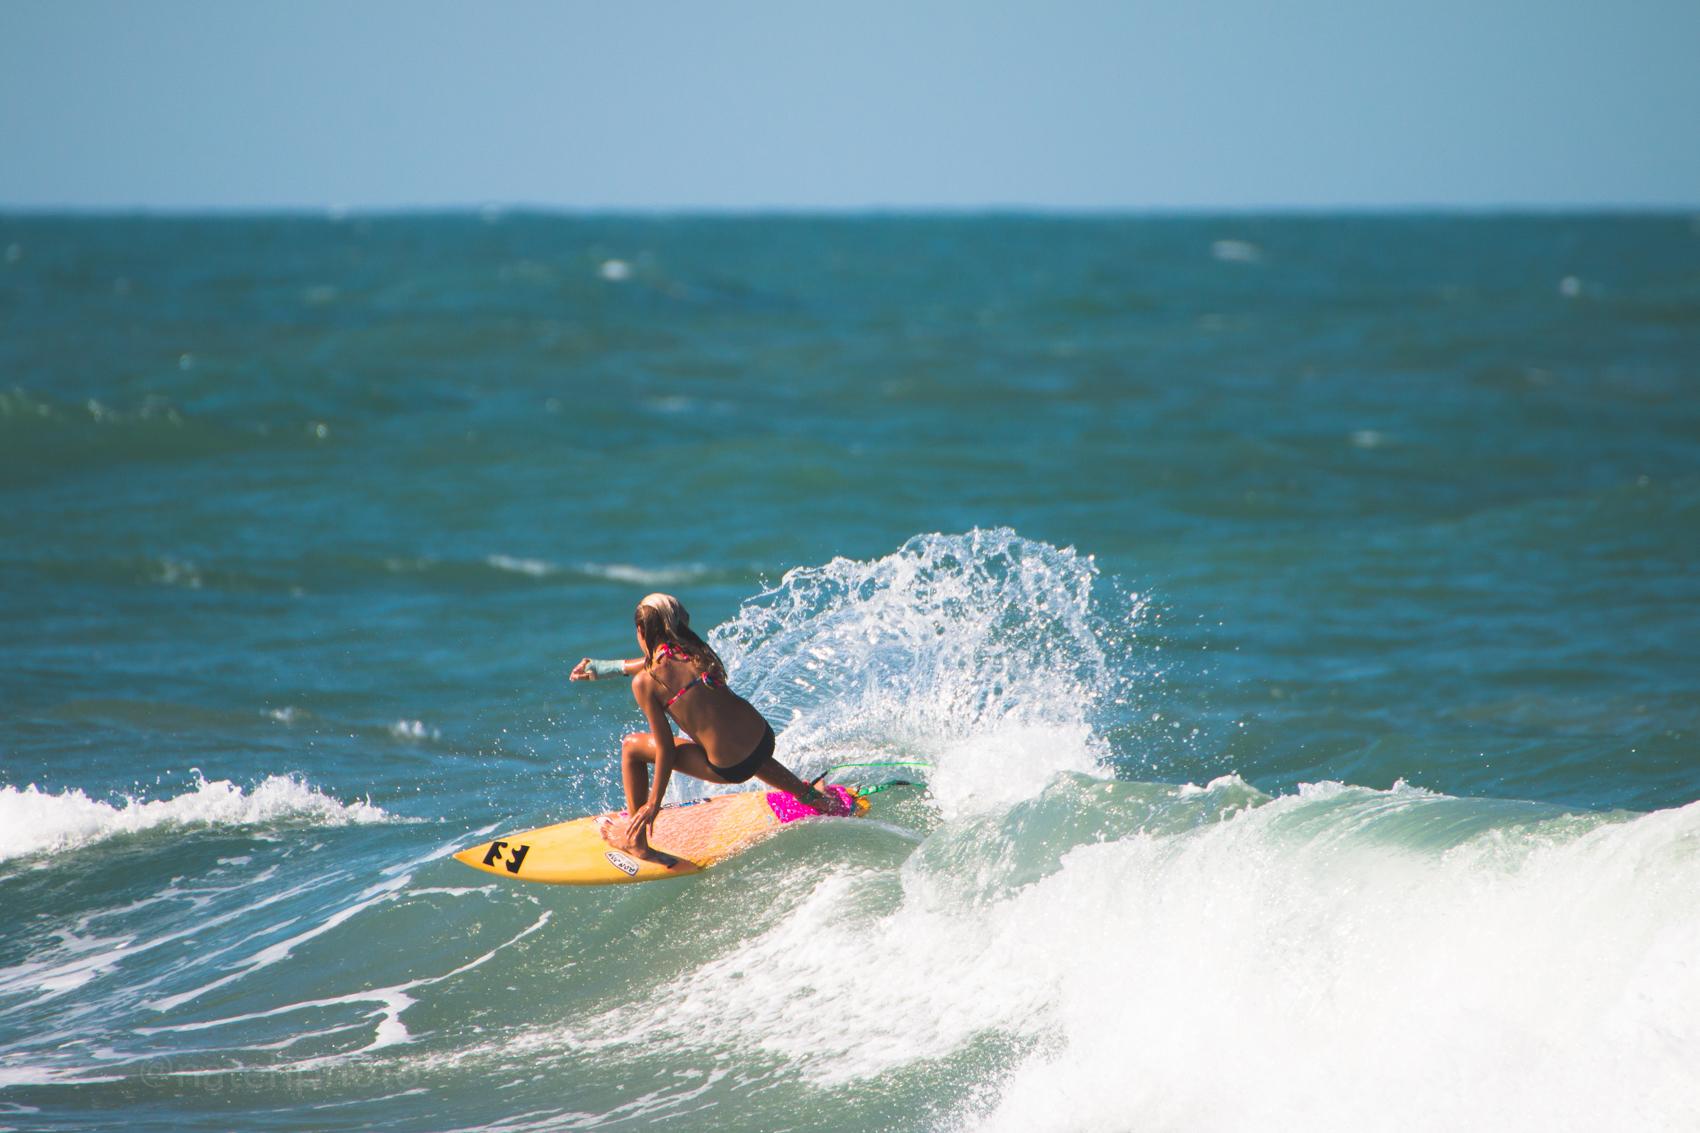 Zoe surfing sebastian inlet, photo by Nathaniel Harrington